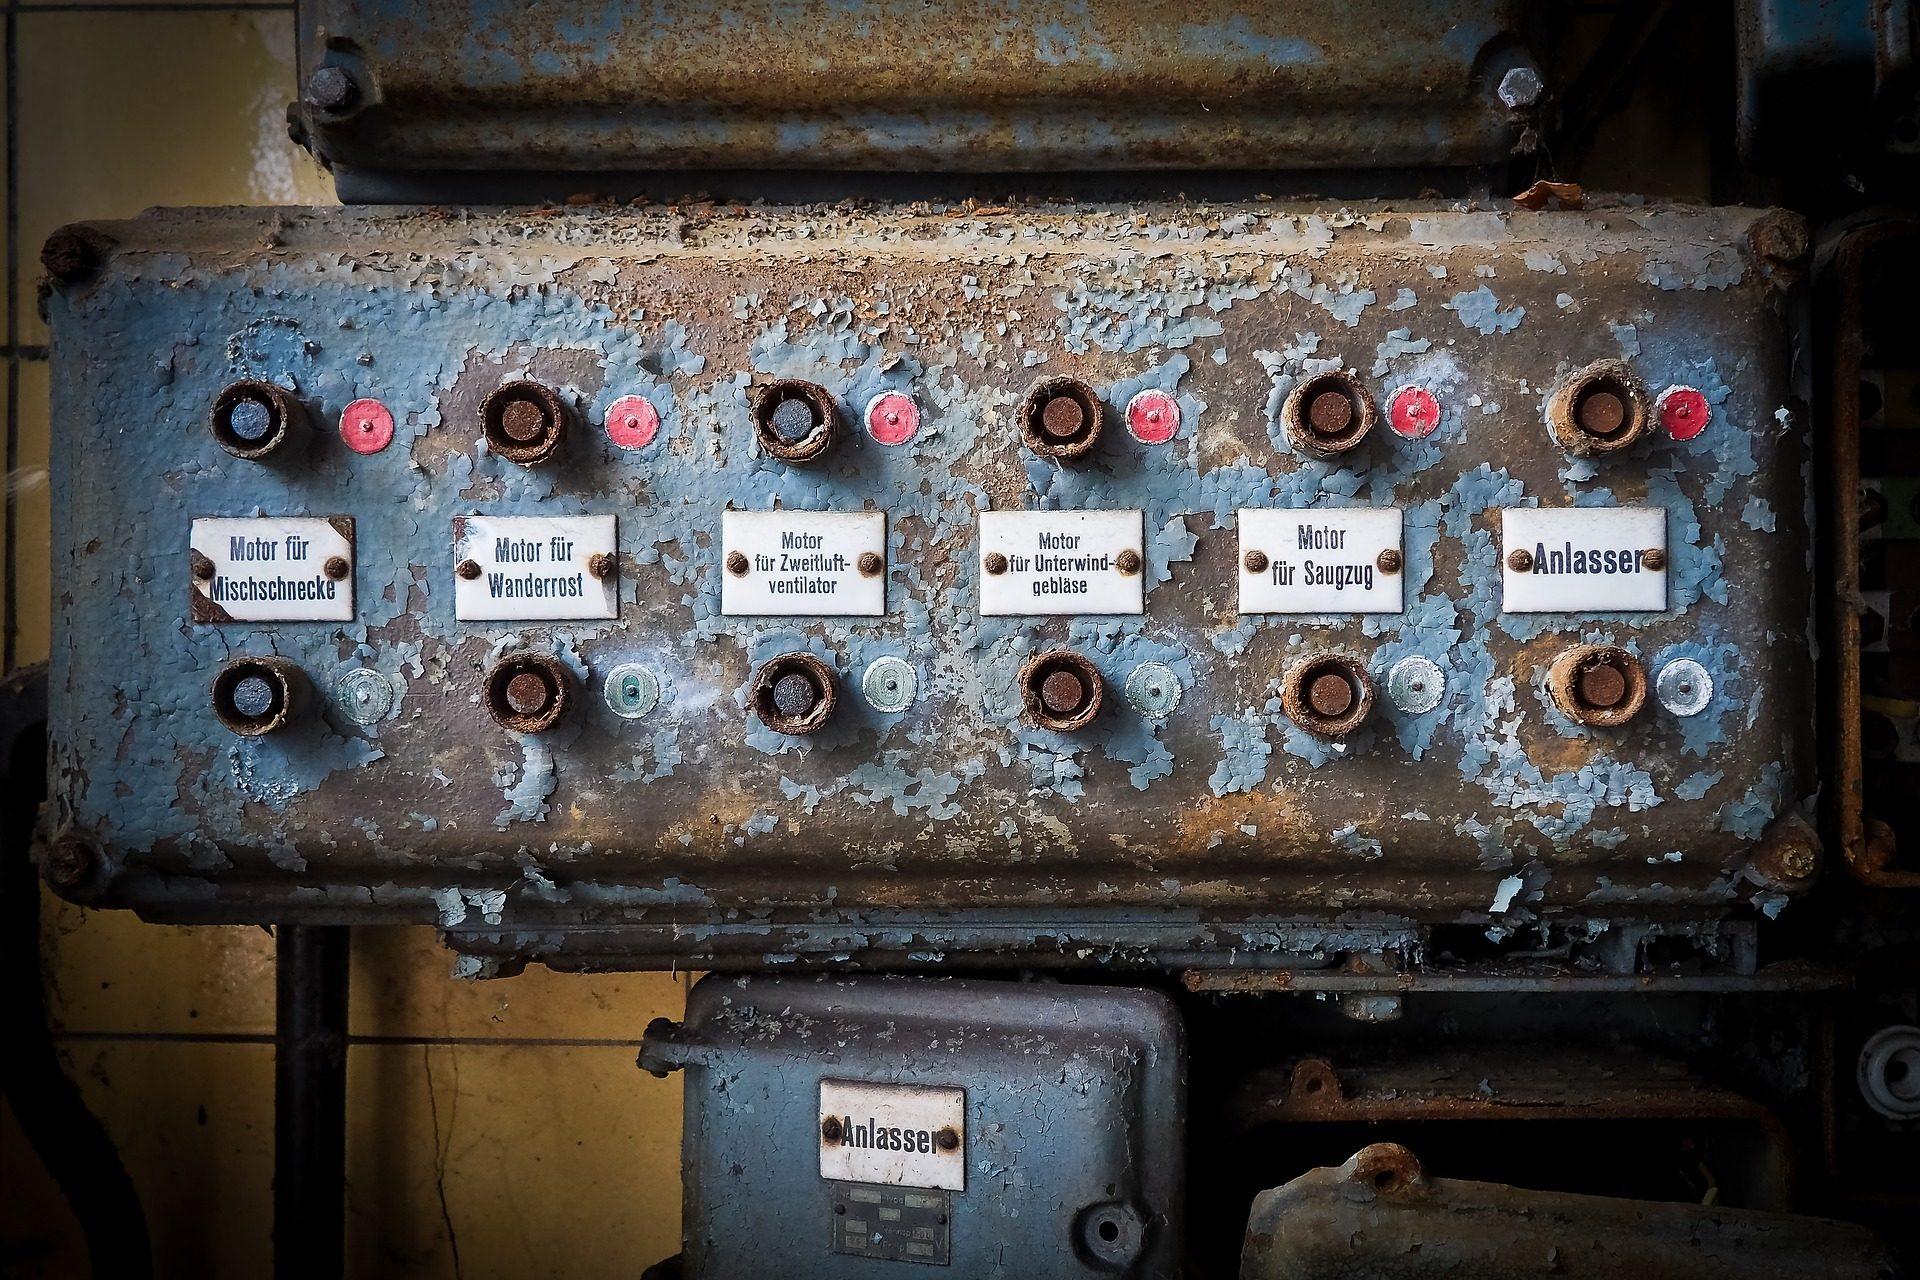 Группа, переключатели, кнопки, Старый, Ржавая, брошенные - Обои HD - Профессор falken.com